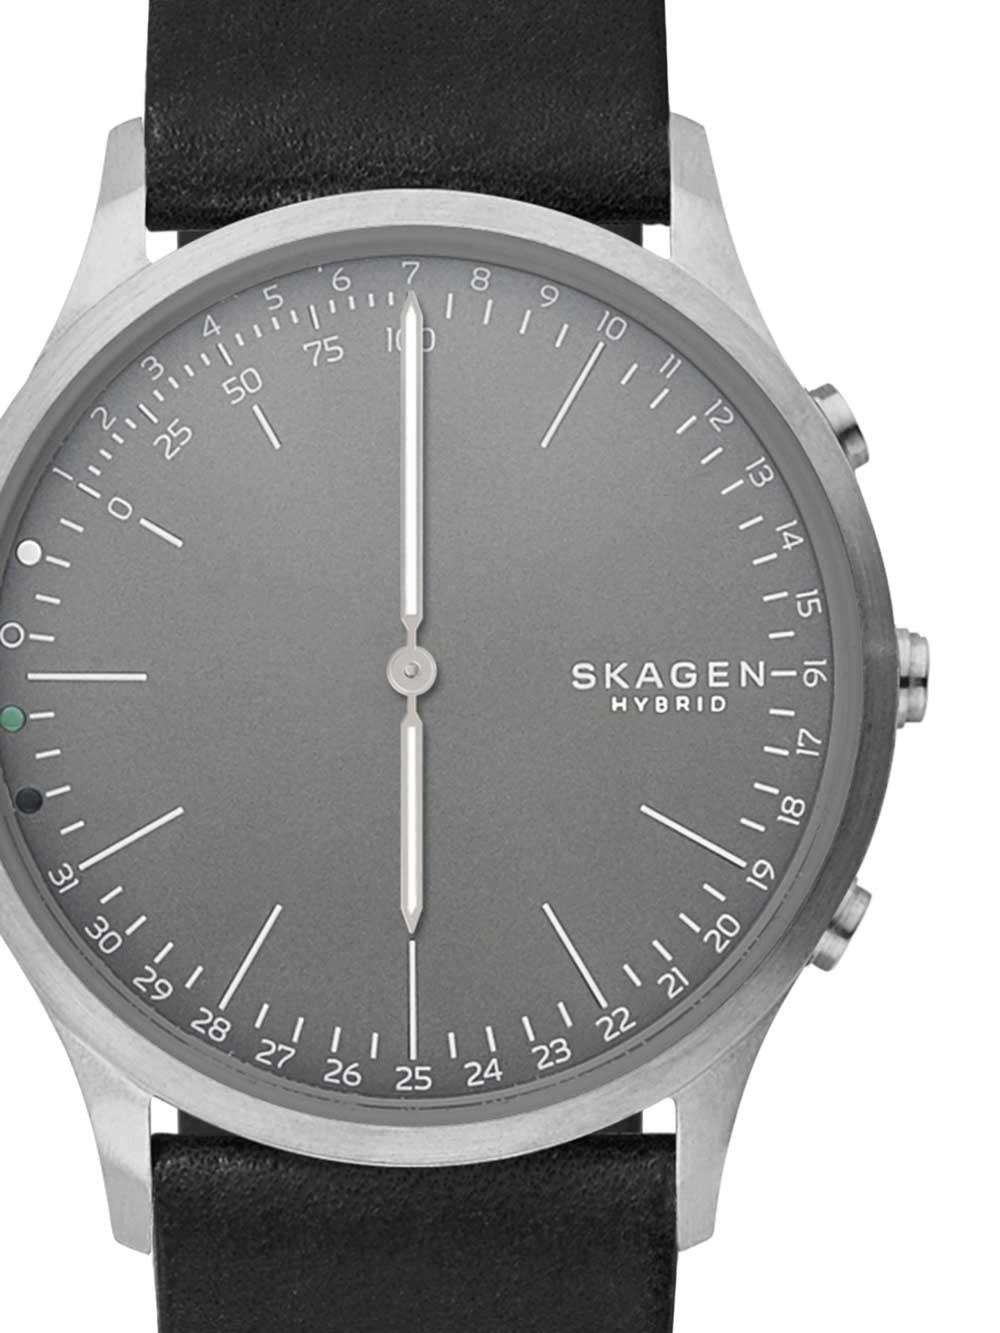 ceas unisex skagen skt1203 ca jorn gray i hybrid smartwatch 42mm 3atm